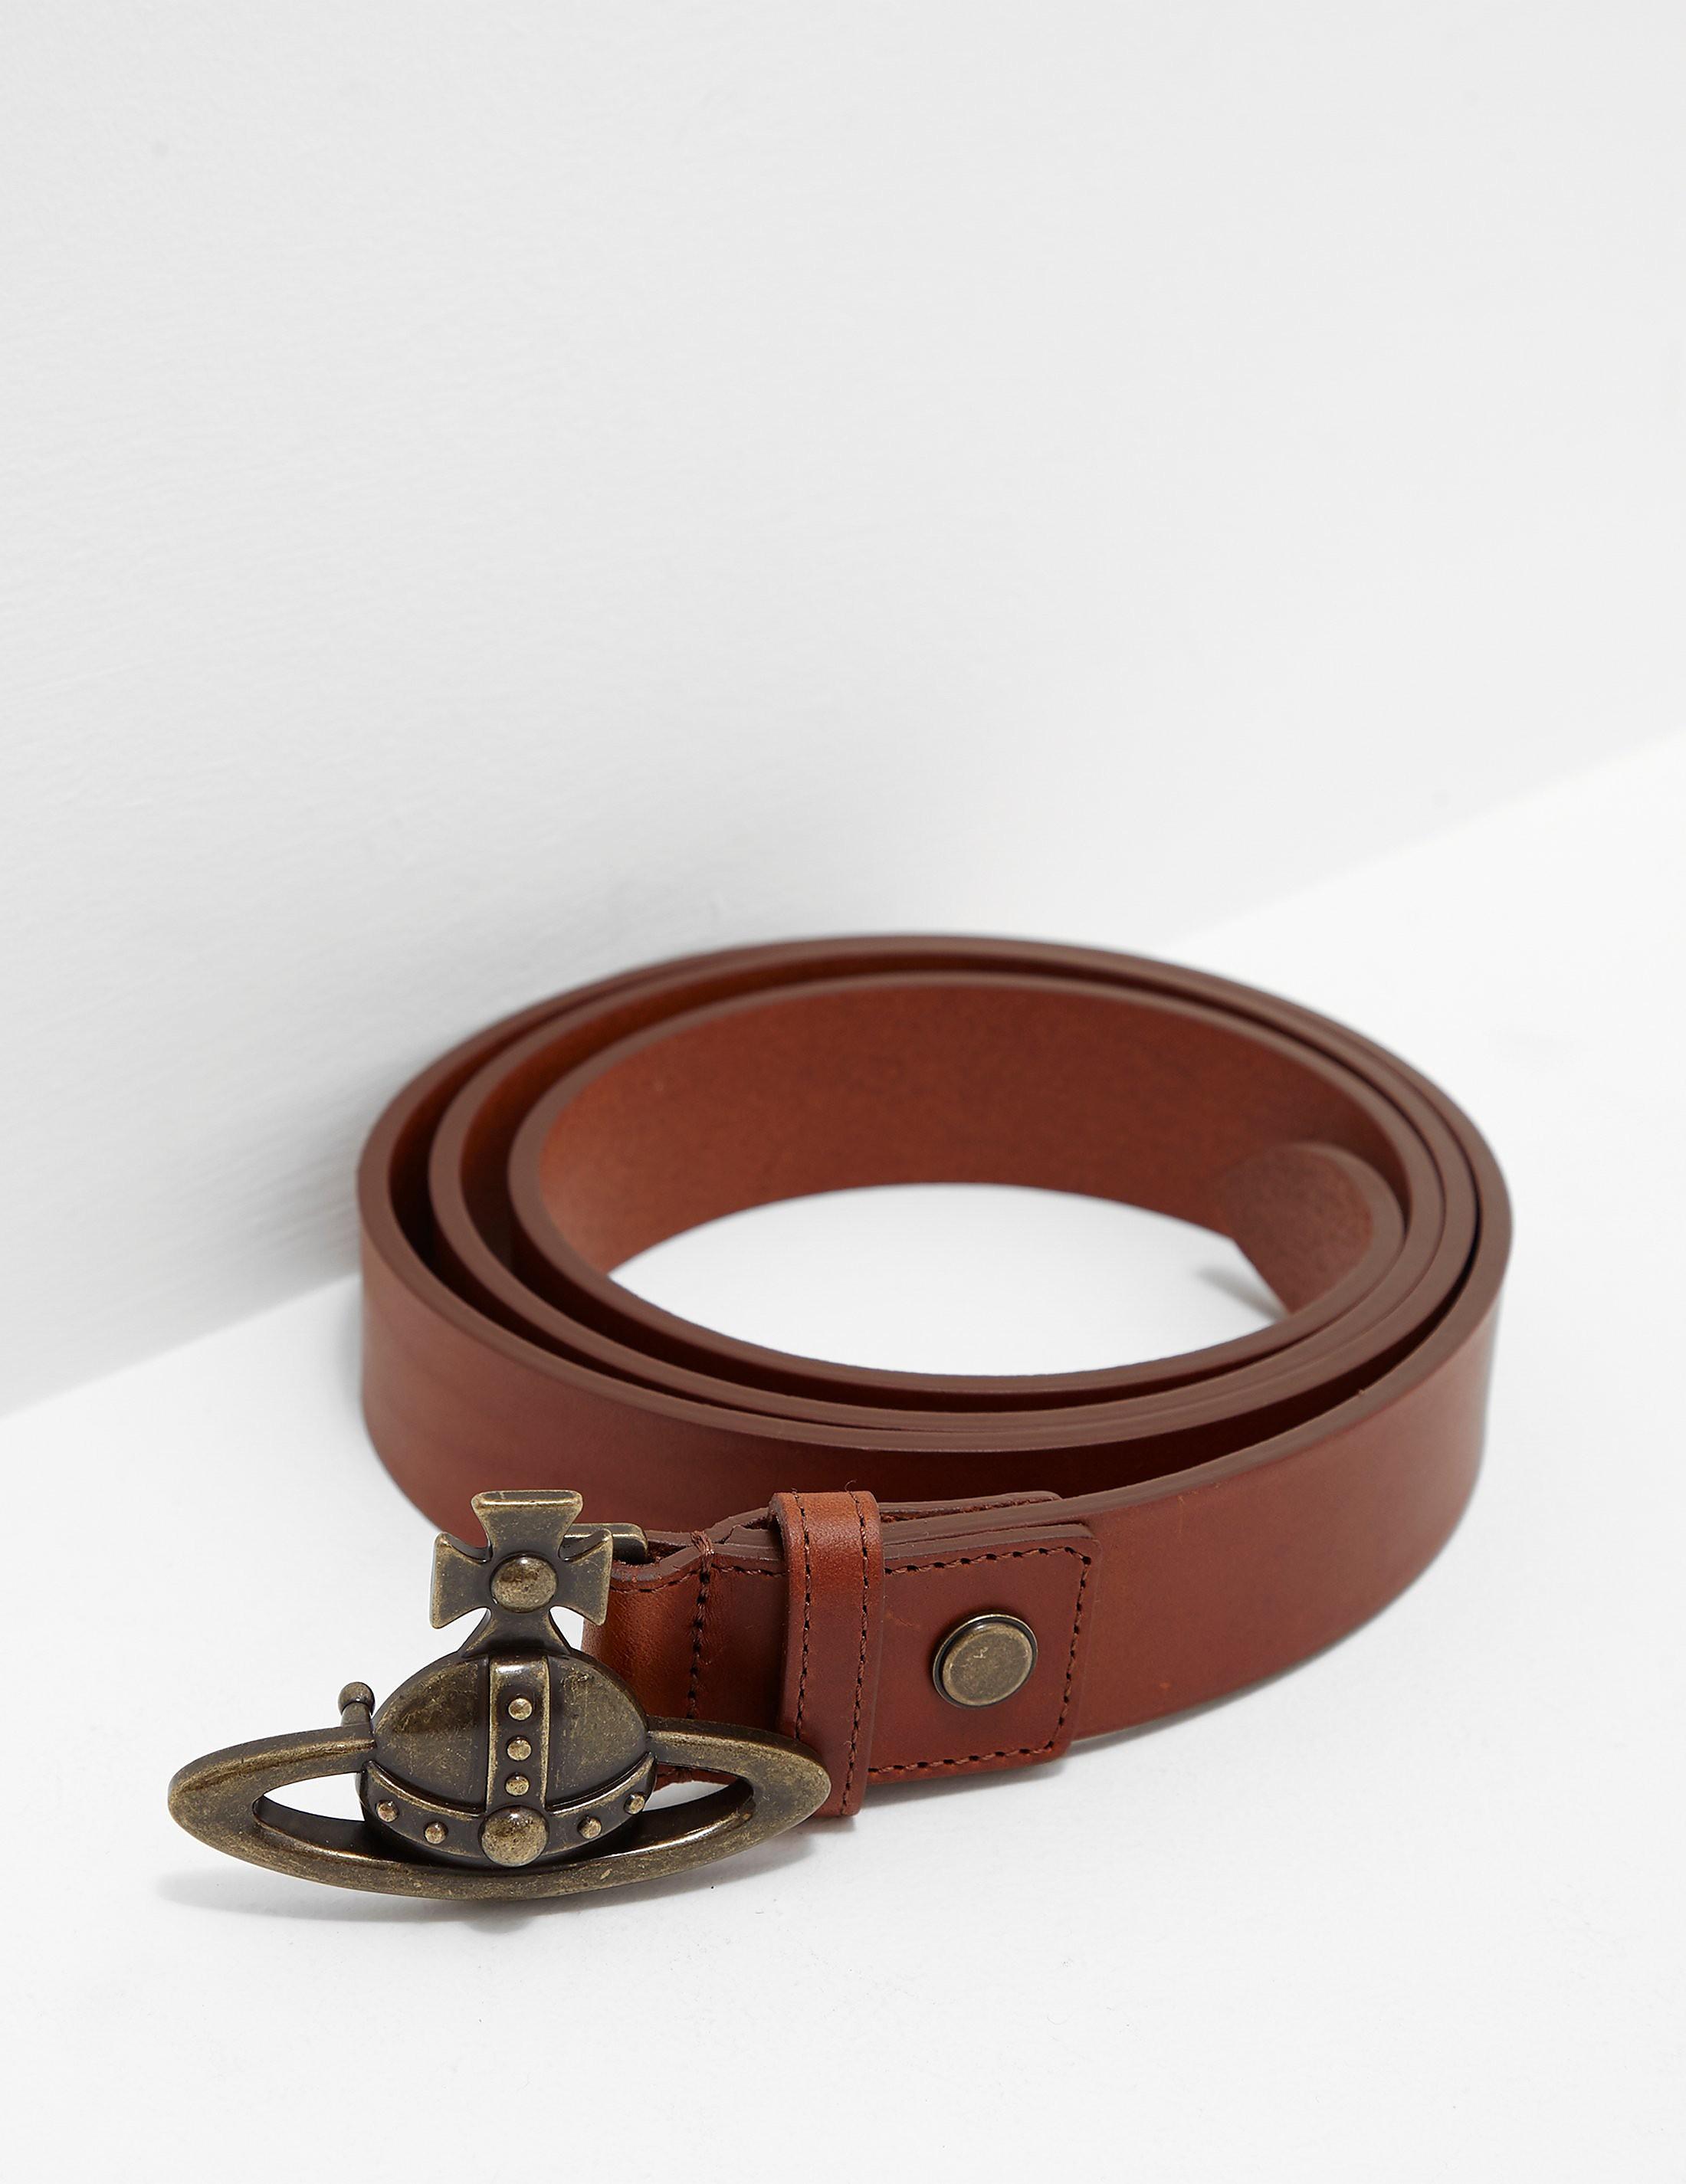 Vivienne Westwood Orb Buckle Belt